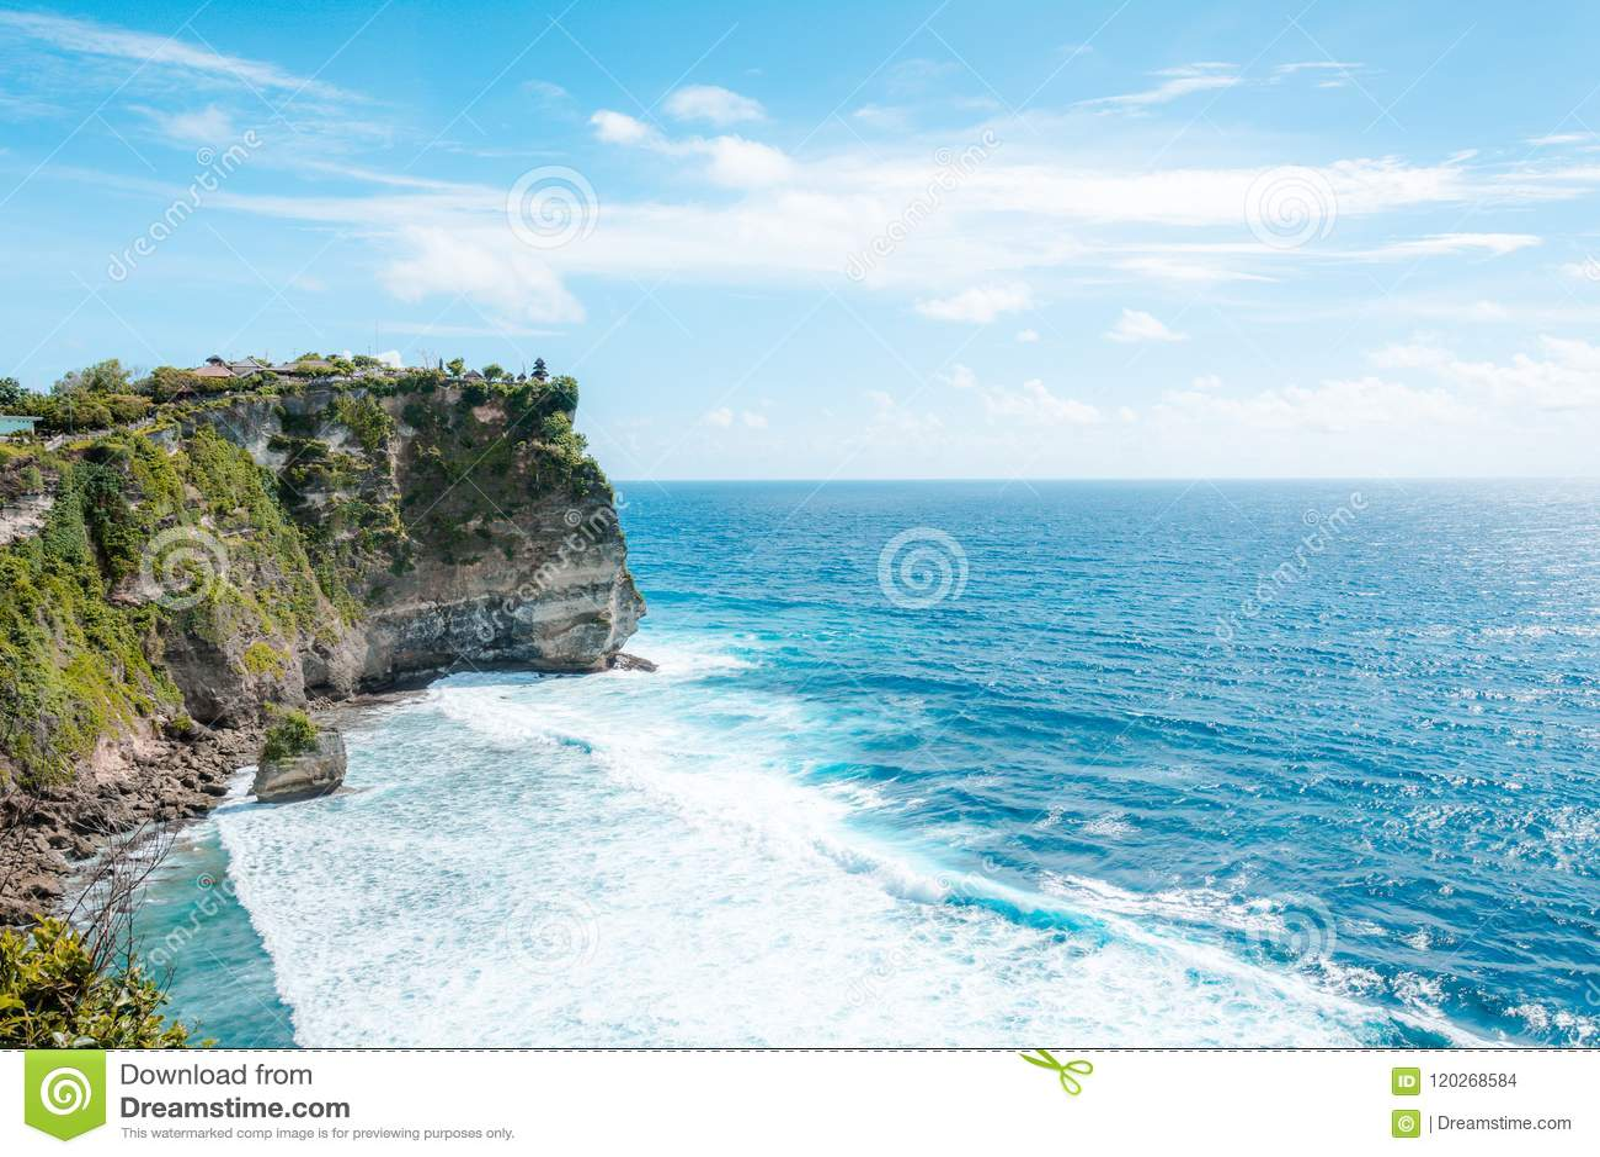 Άποψη του απότομου βράχου με τα κύματα στη θάλασσα από τον ινδό ναό Pura Luhur Uluwatu